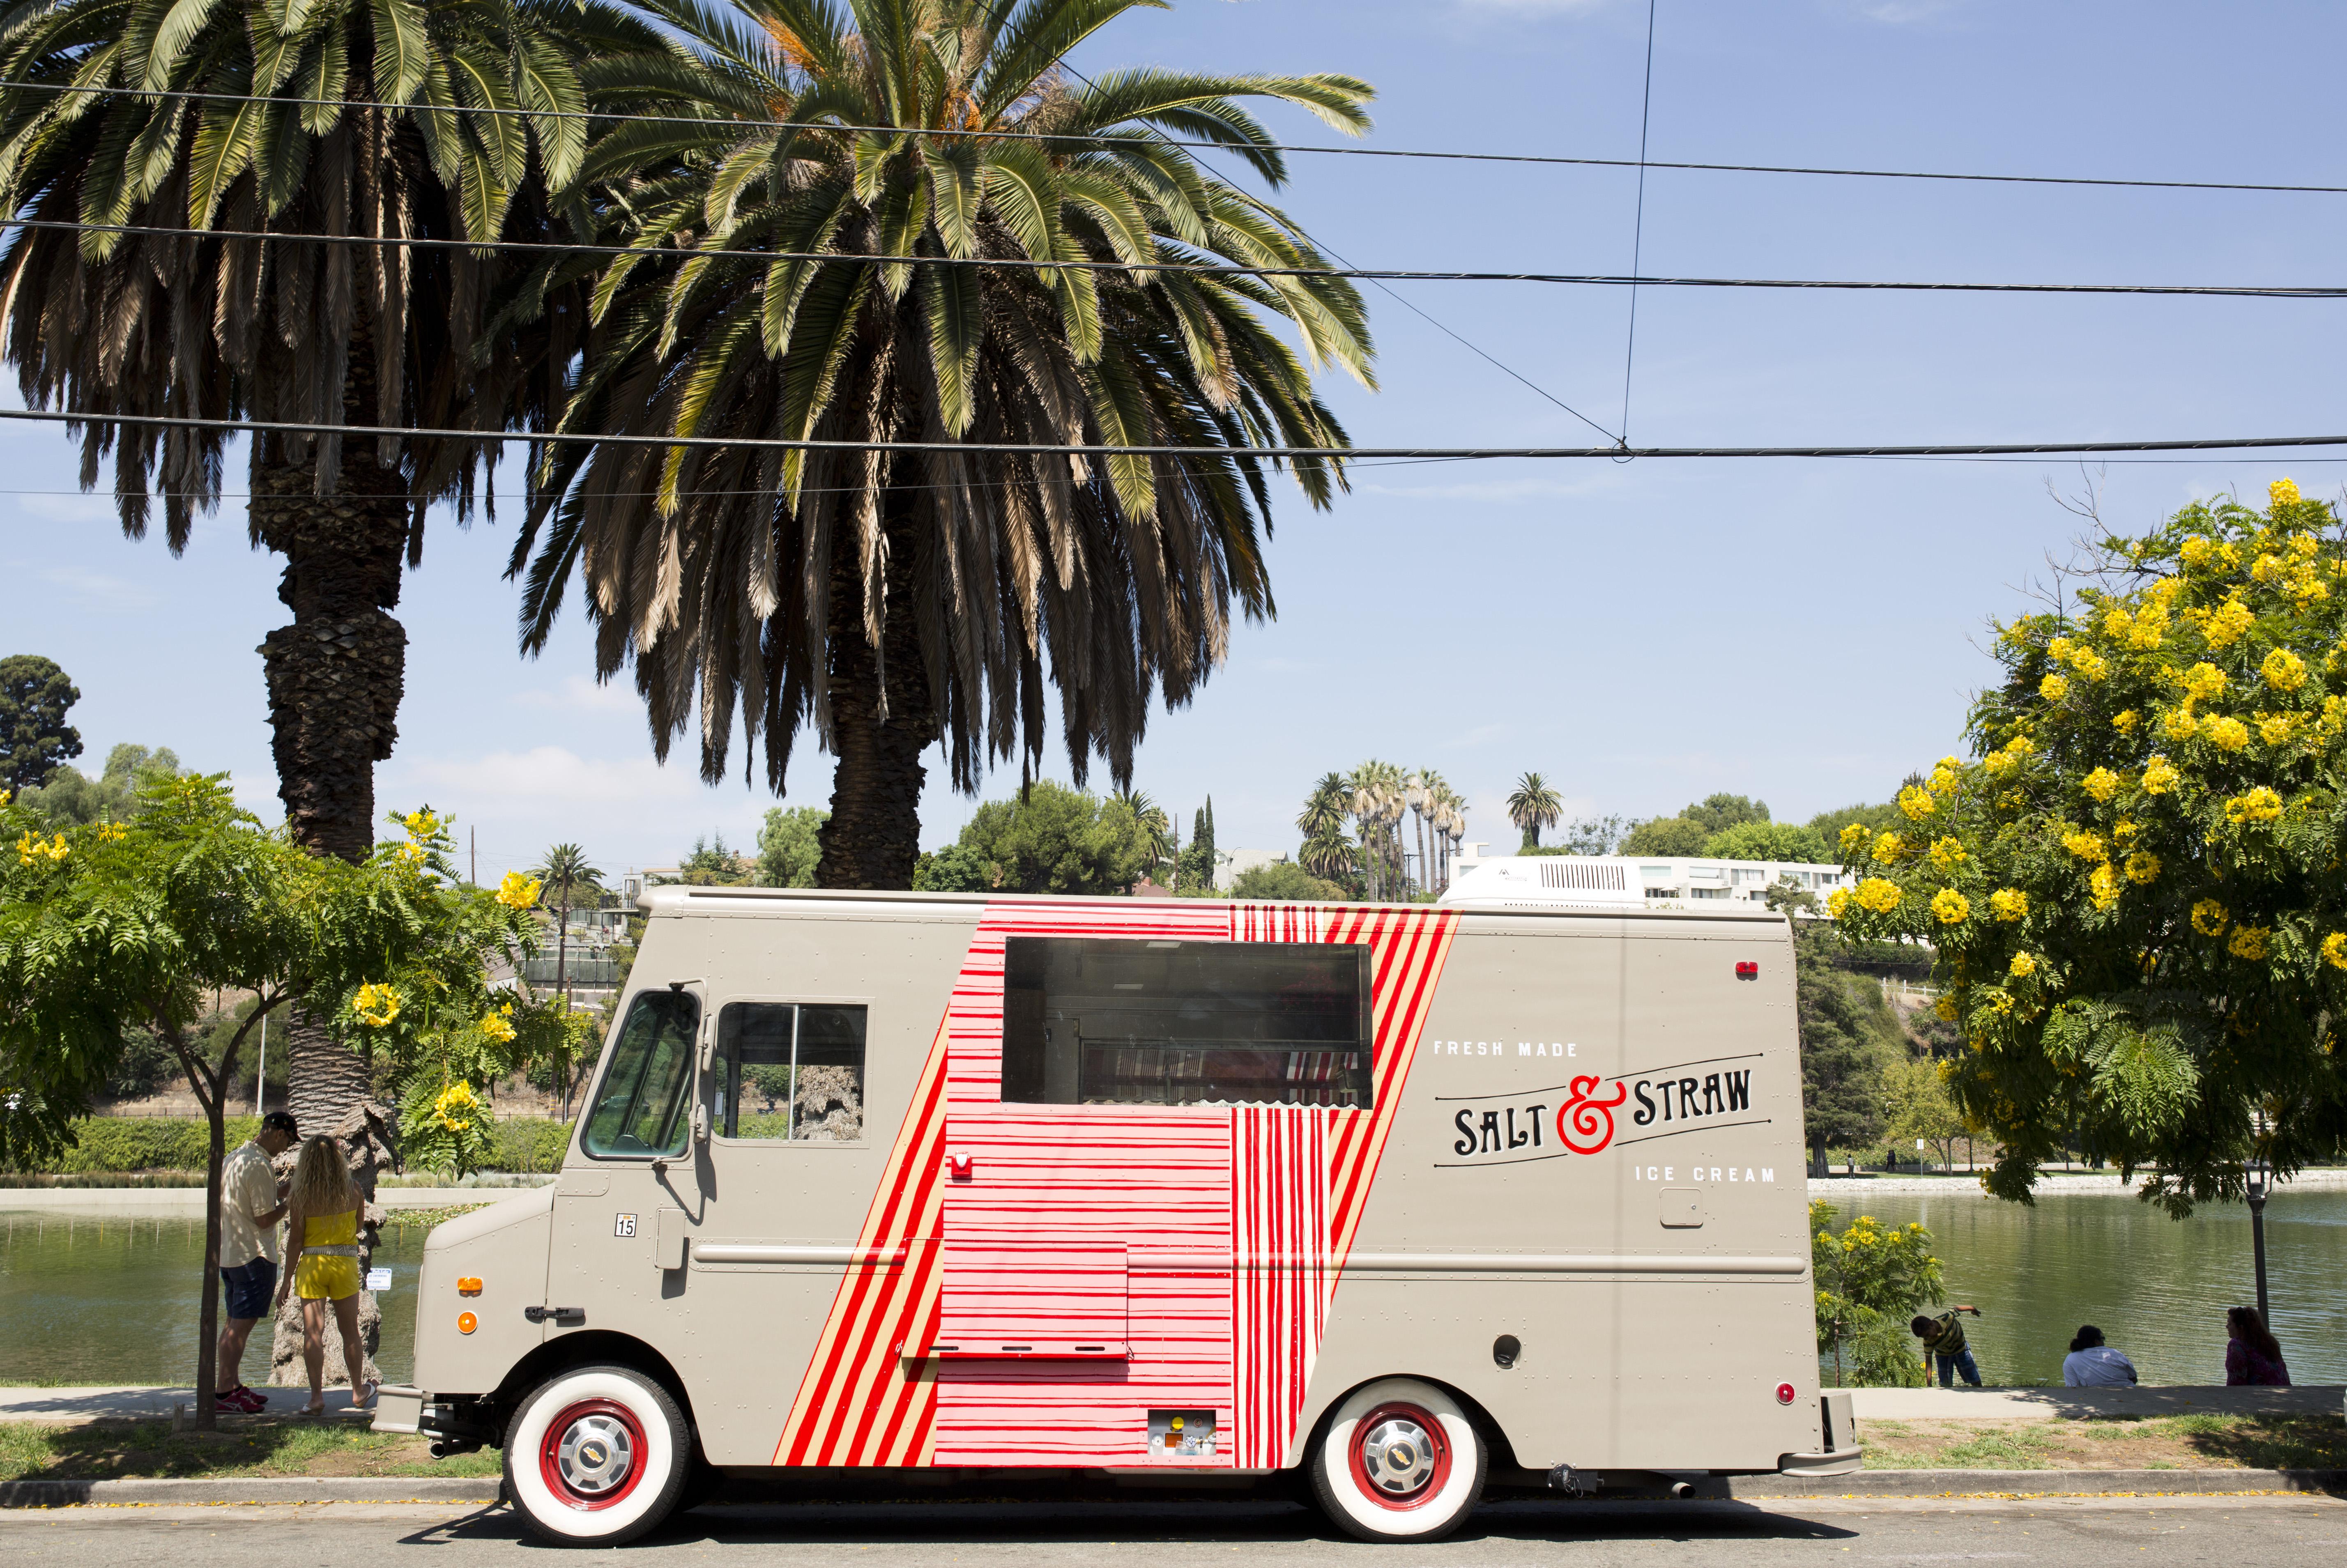 salt straw truck 19 Salt & Straw x Compartes | Free Ice Cream on Valentines Day